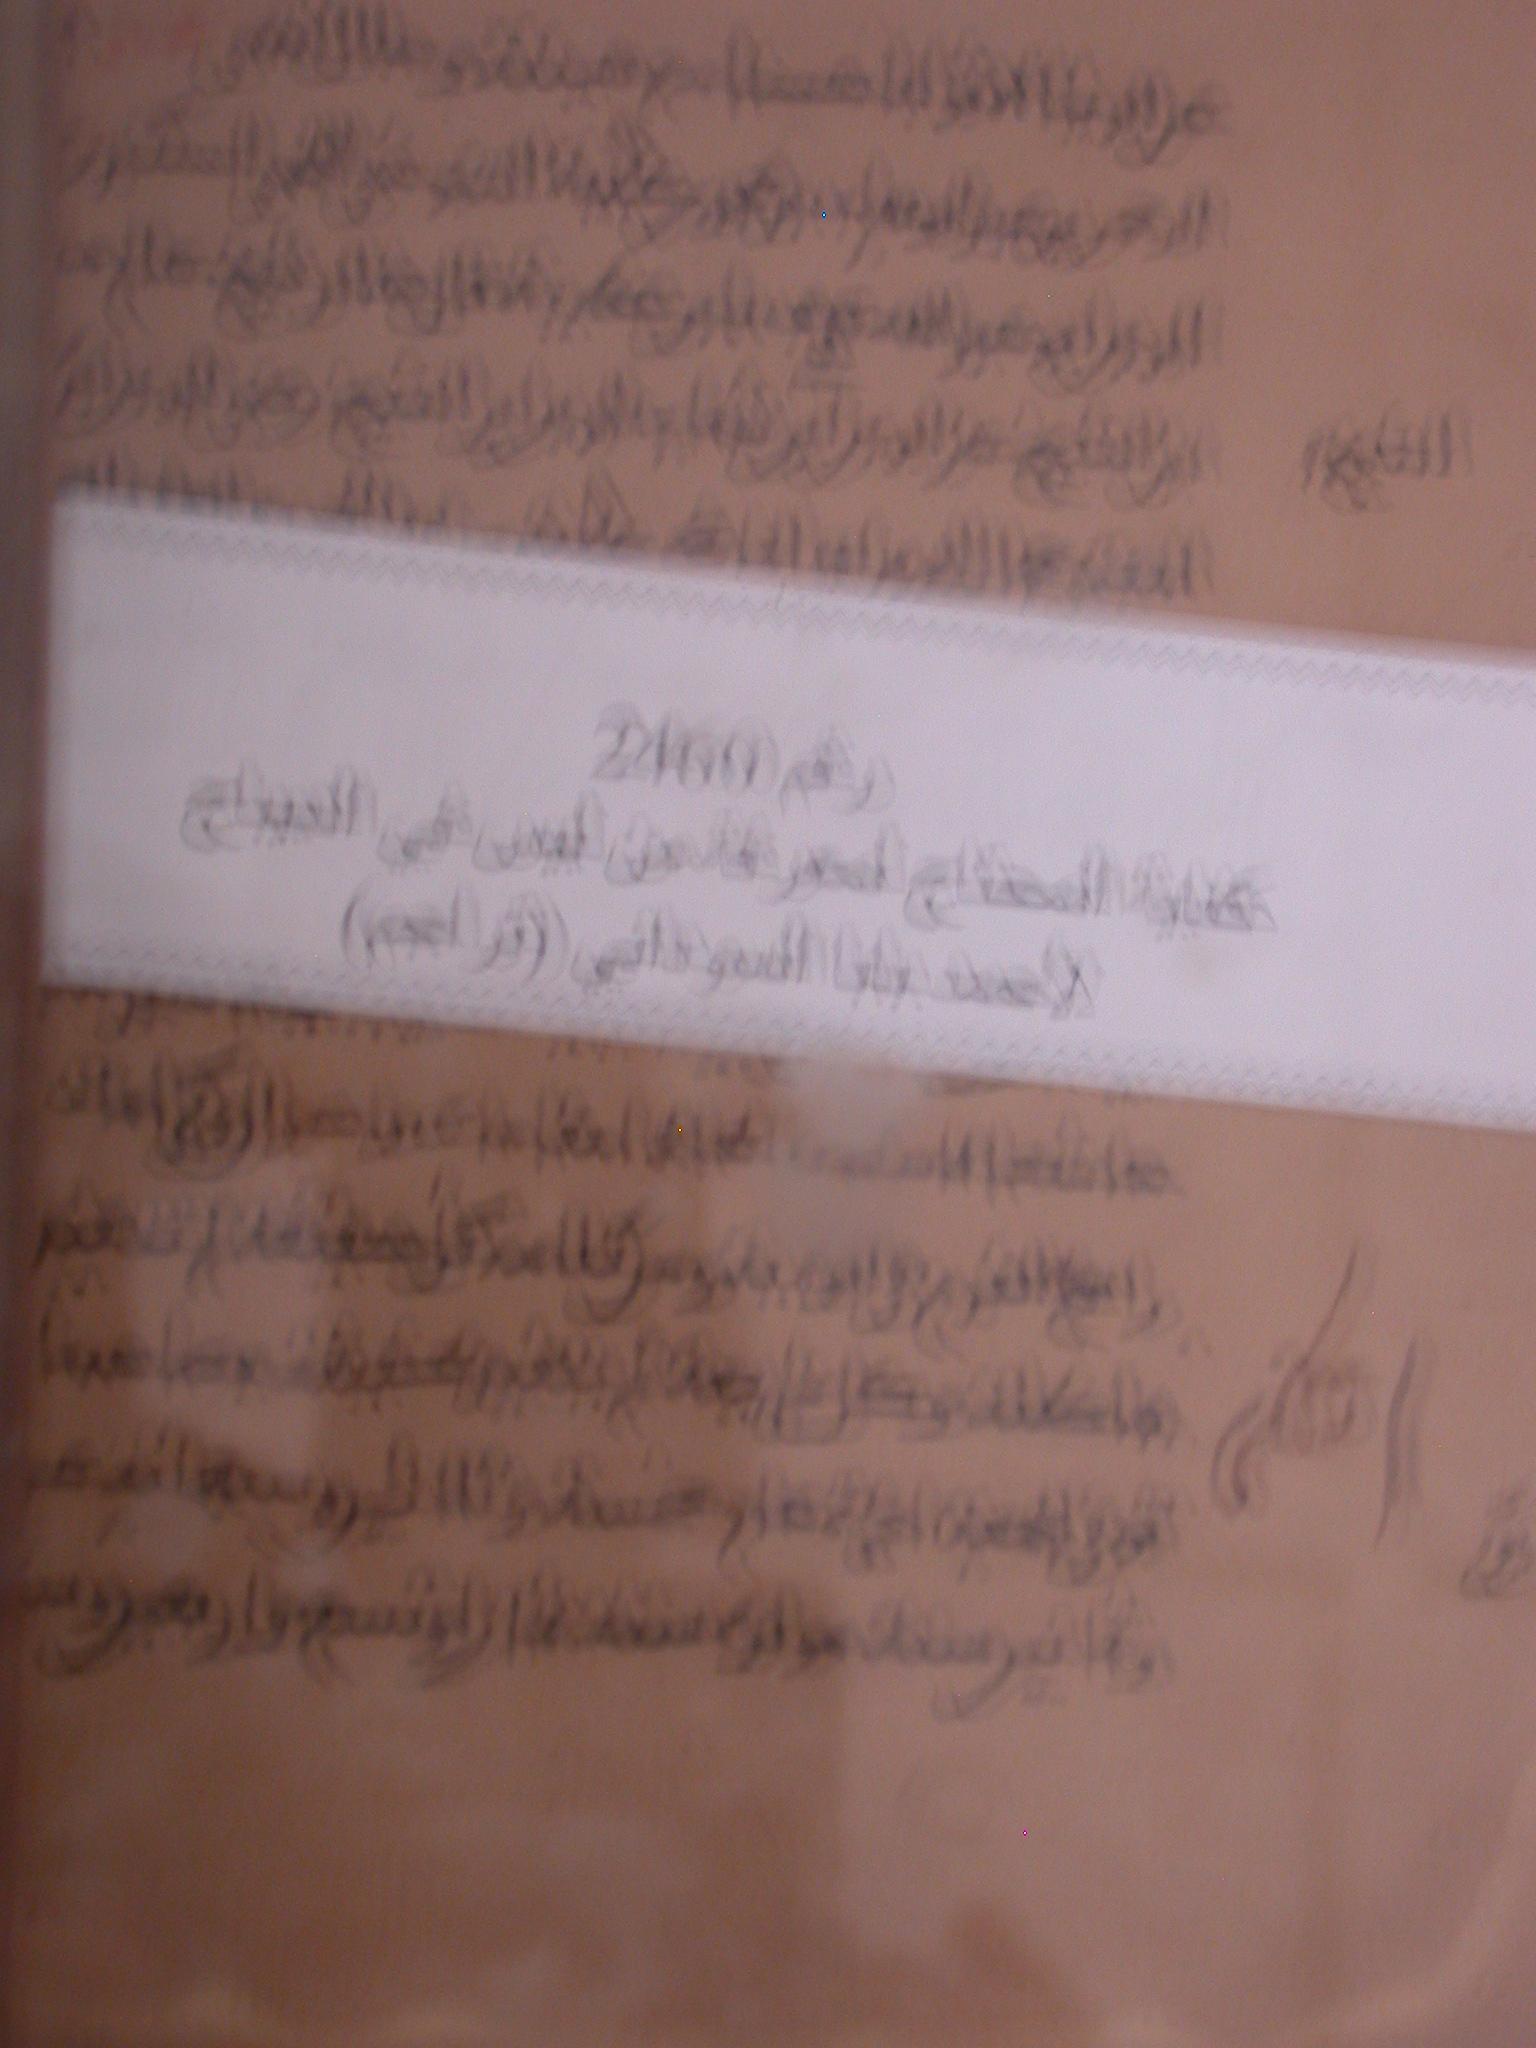 Blurry Photo of Manuscript, Detail, Ahmed Baba Institute, Institut des Hautes Etudes et de Recherches Islamiques, Timbuktu, Mali